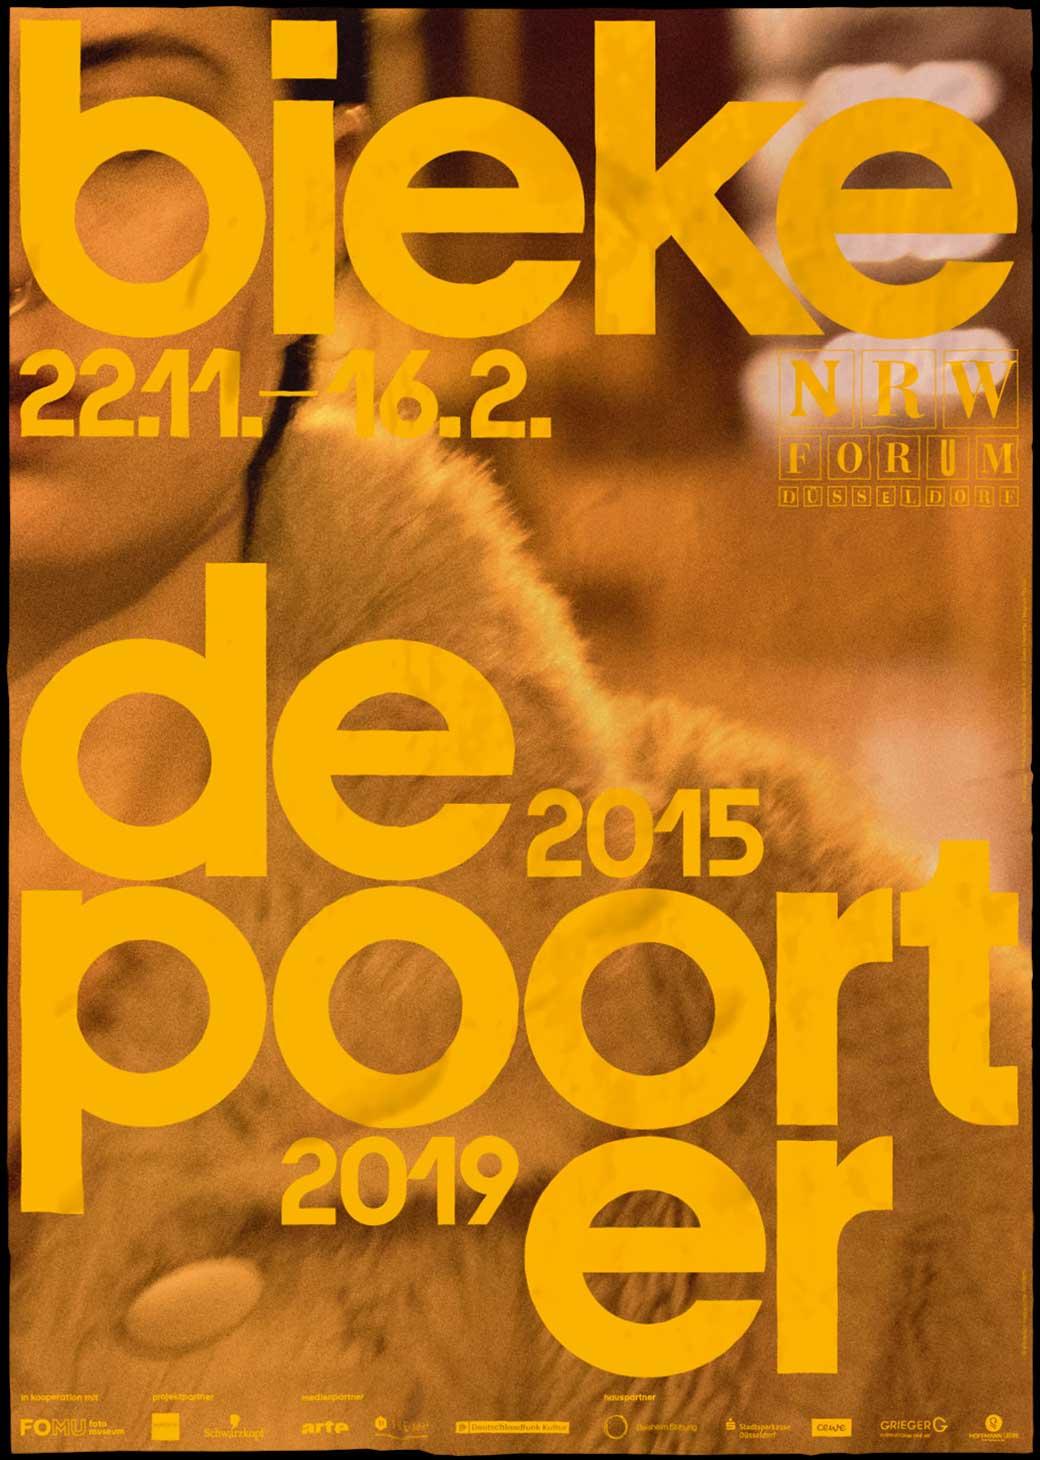 BIEKE-Komm-Plakat-3b